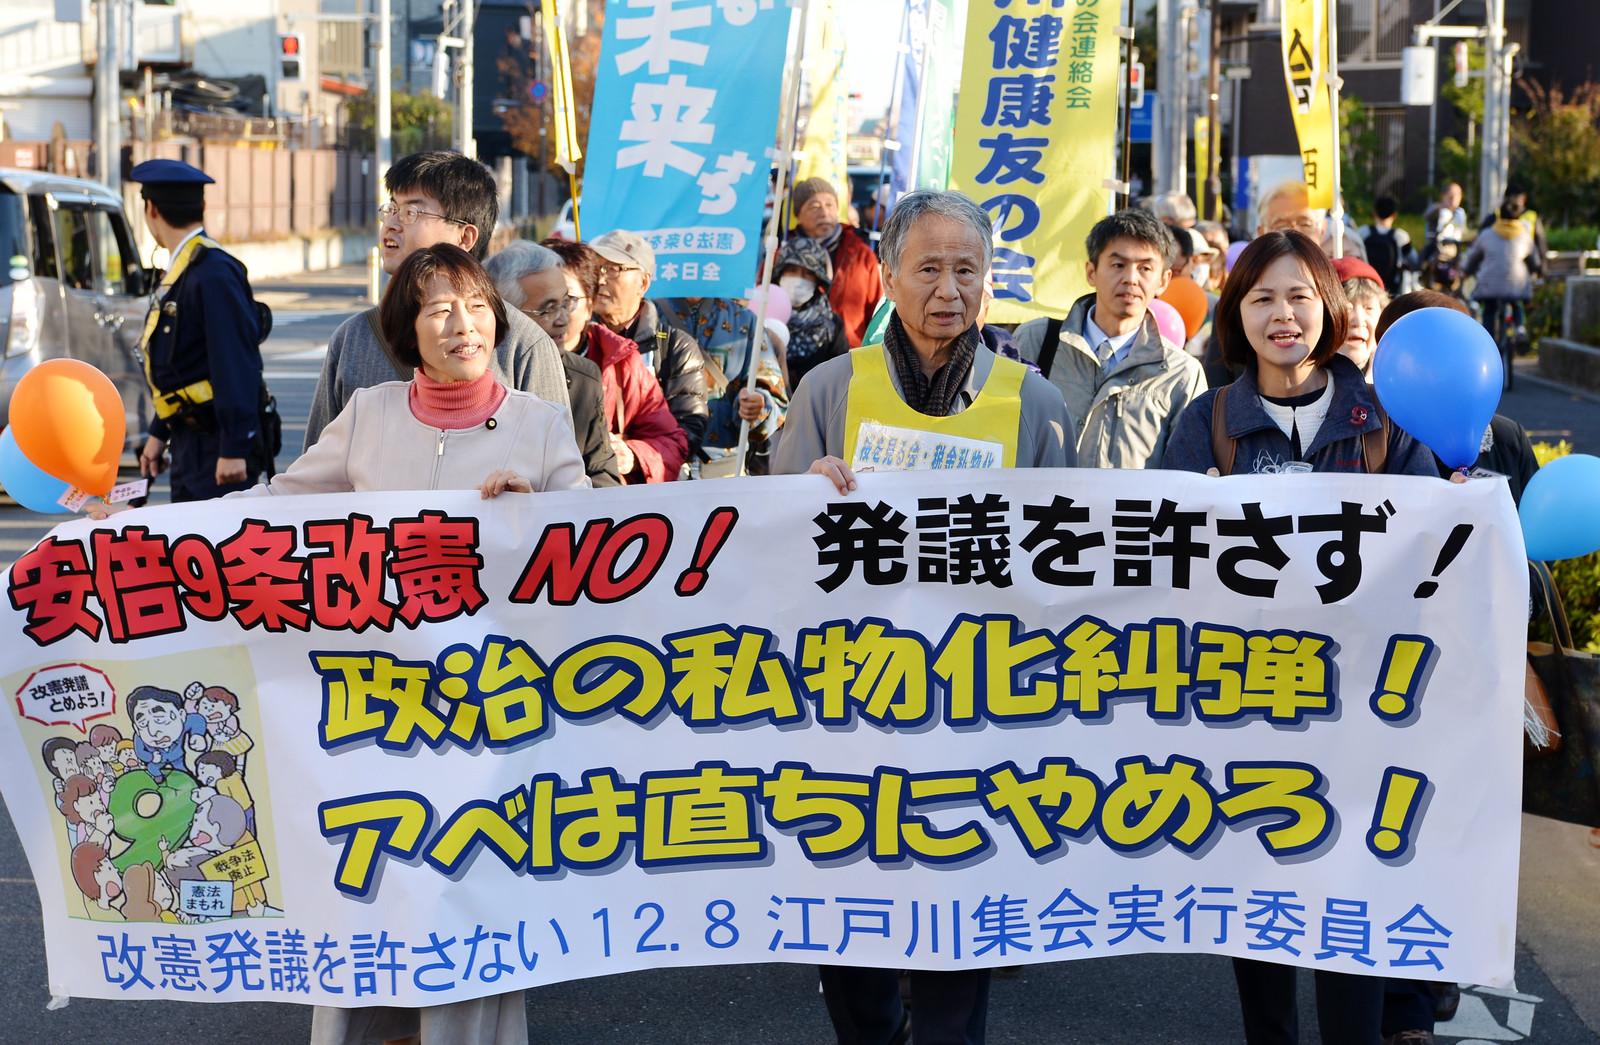 「国政私物化許さない」と声をあげる田村氏と参加者ら